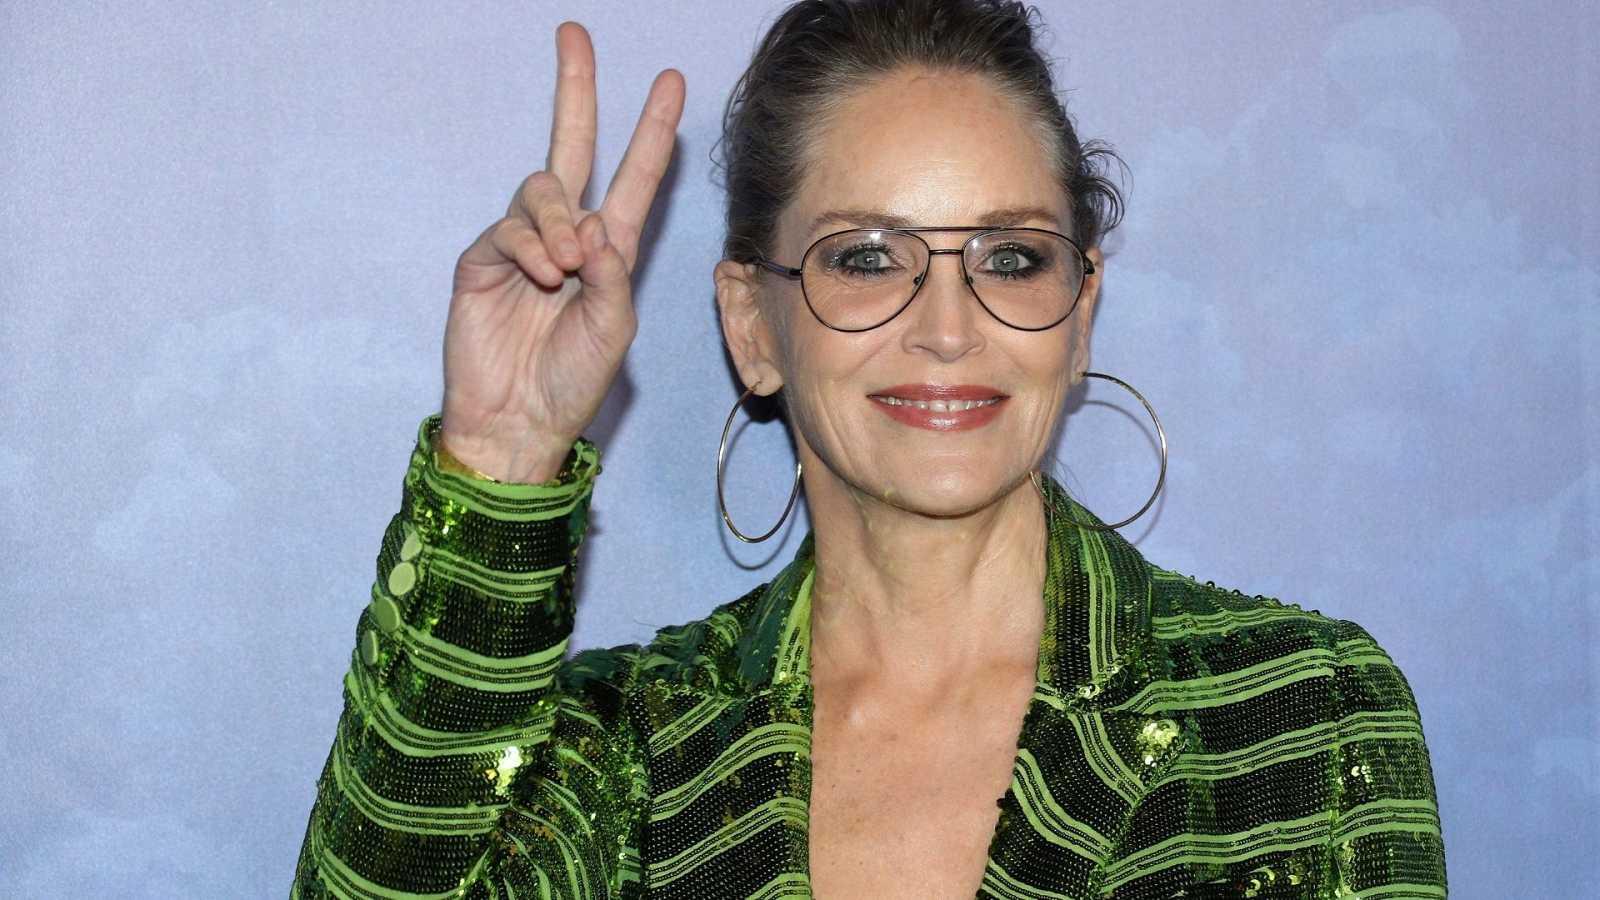 La actriz Sharon Stone en la gala Global Ocean Gala de Los Angeles de 2020 vestida de verde